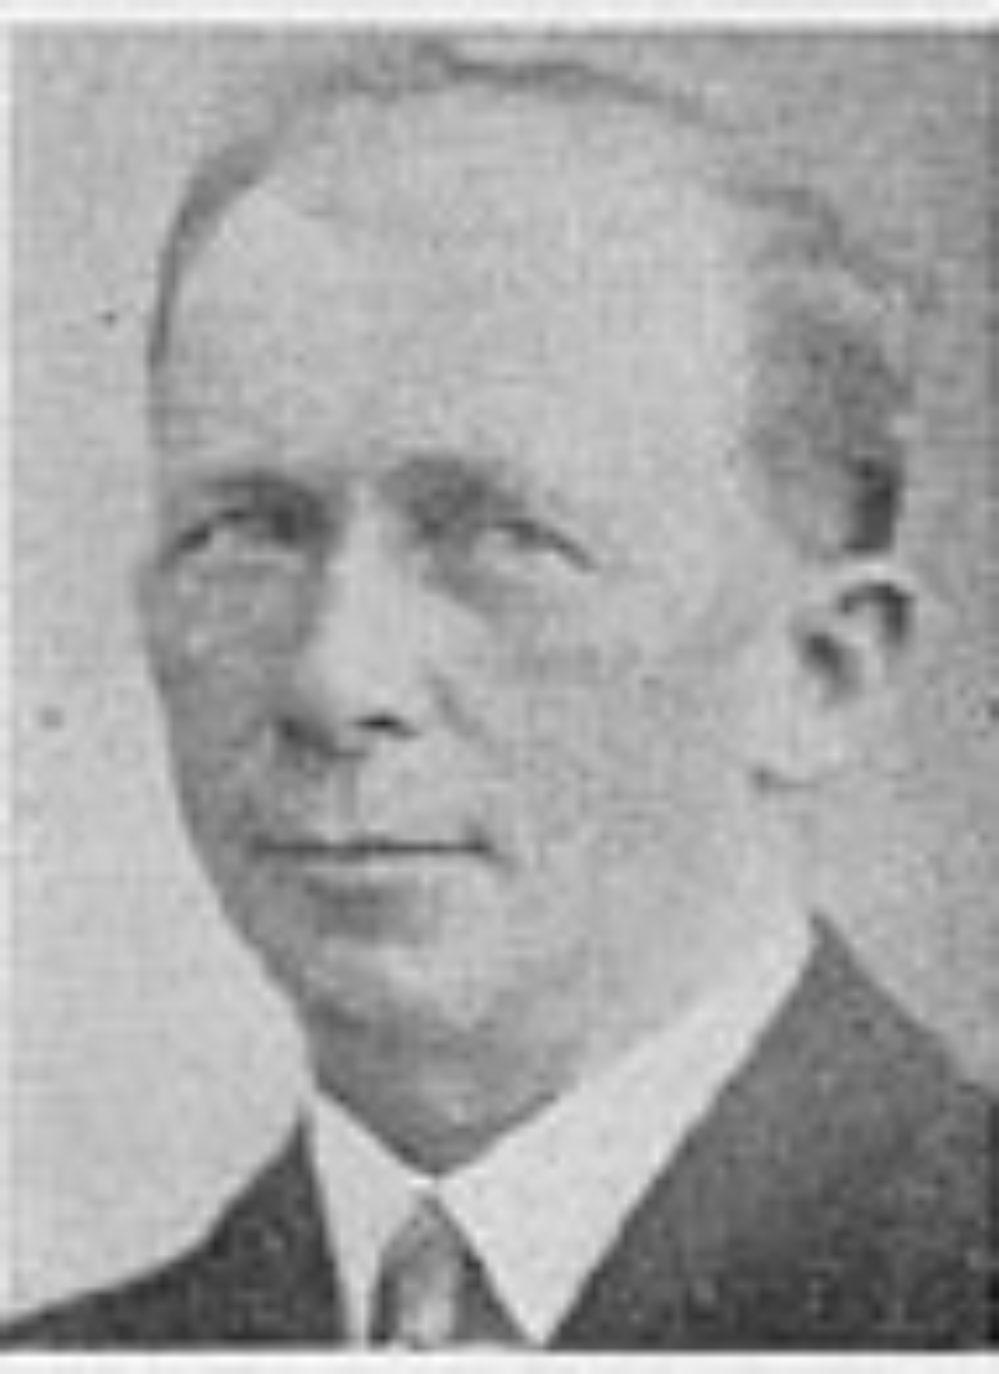 Alf Melchior Olafsen